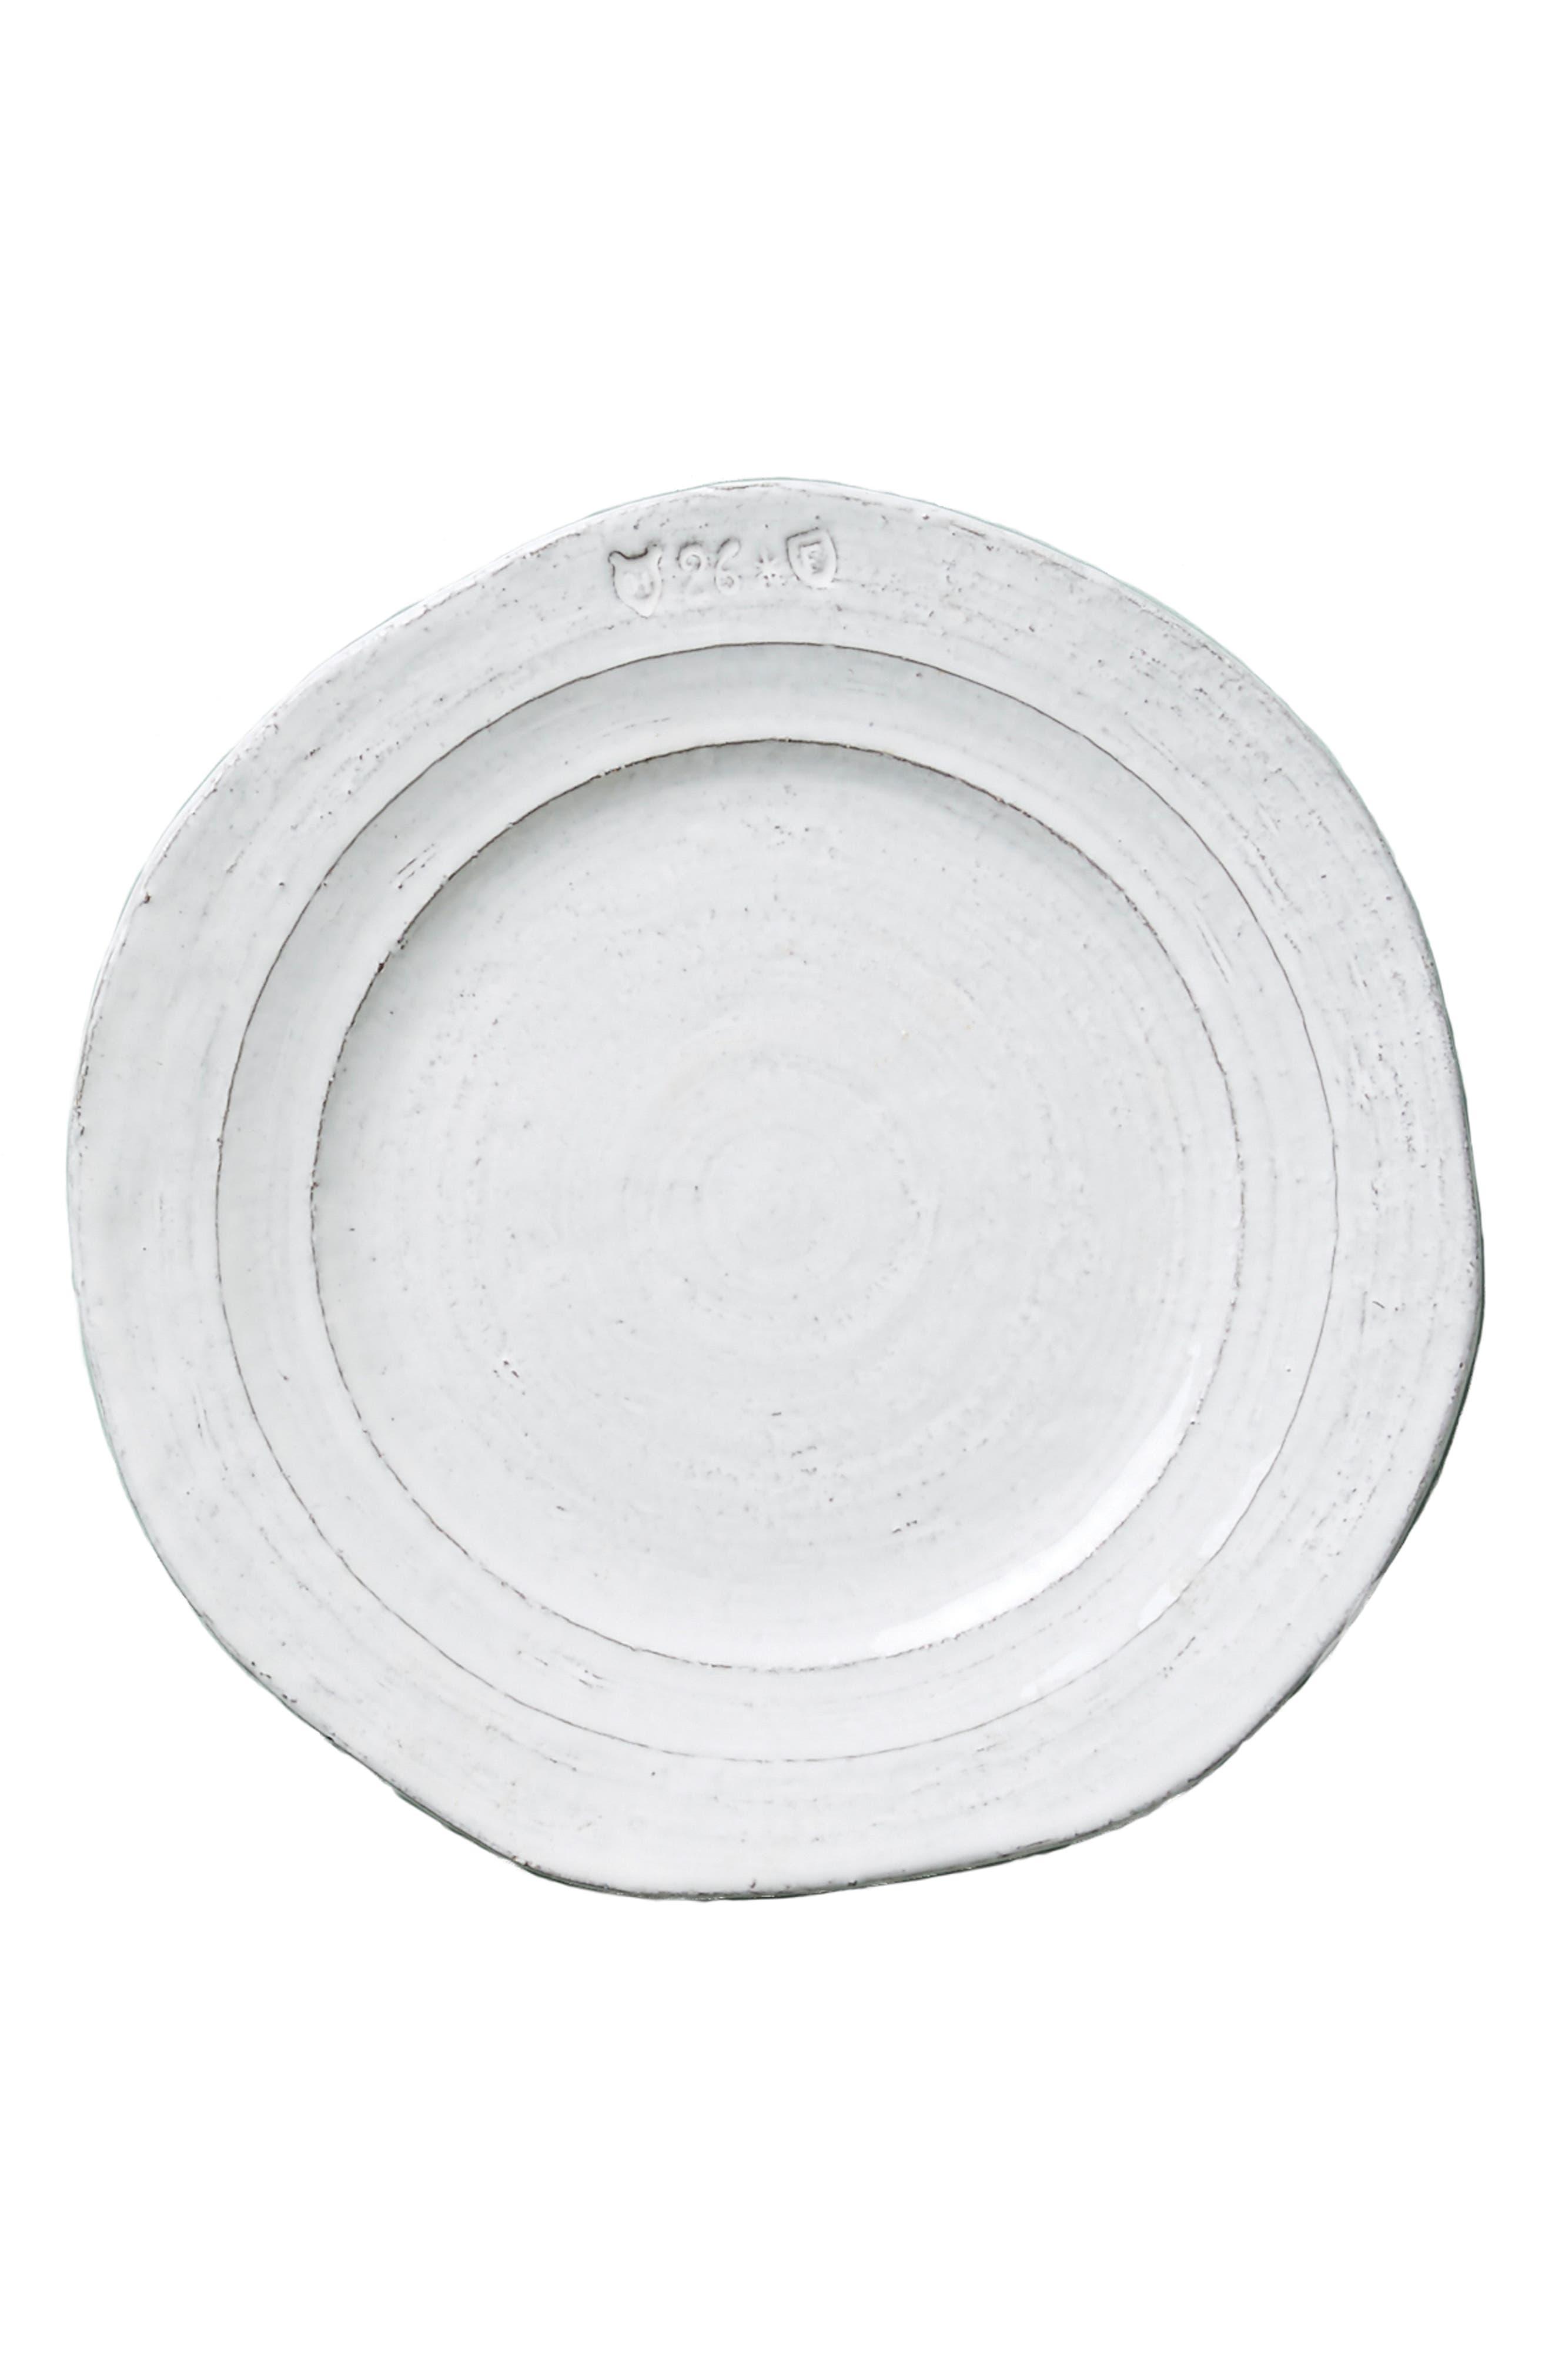 Glenna Side Plate,                             Alternate thumbnail 4, color,                             White